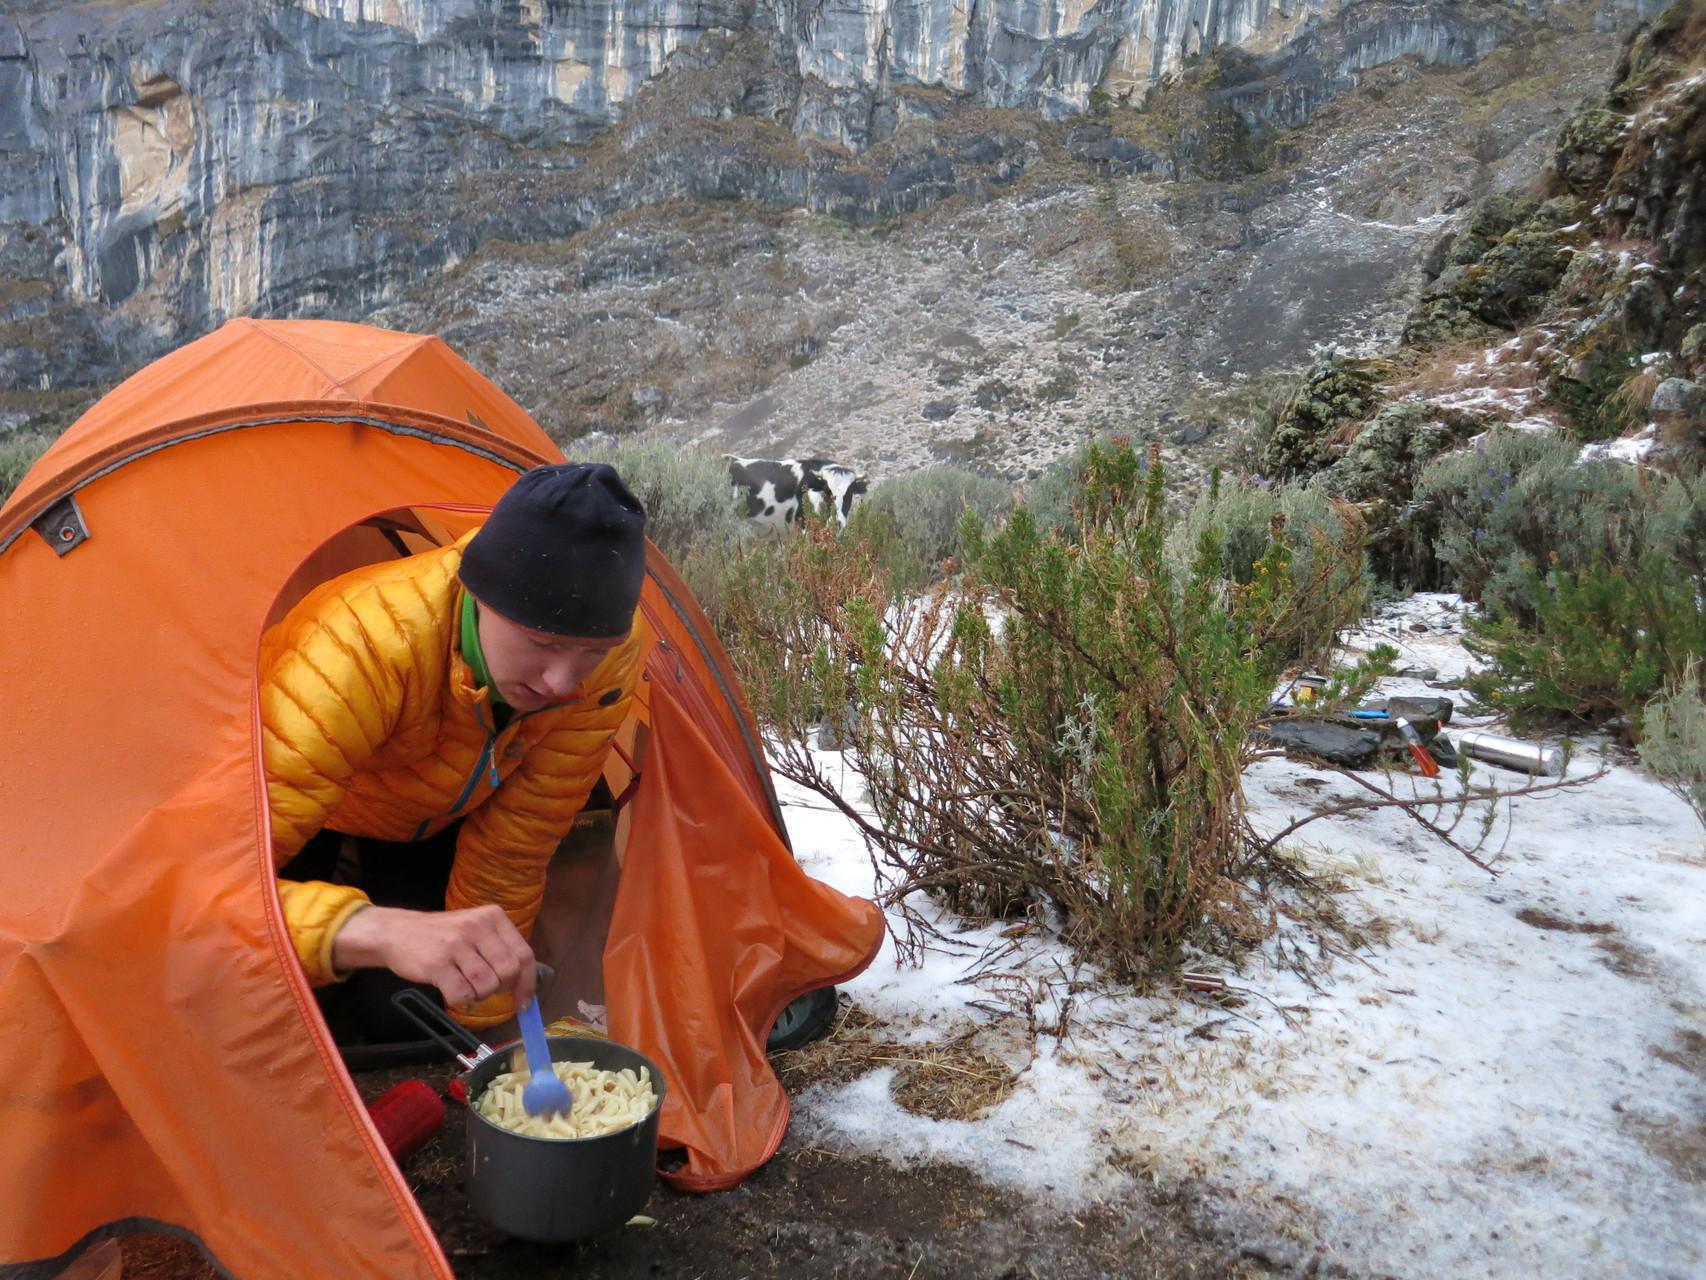 Just als wir im Camp ankommen, beginnt es zu schneien